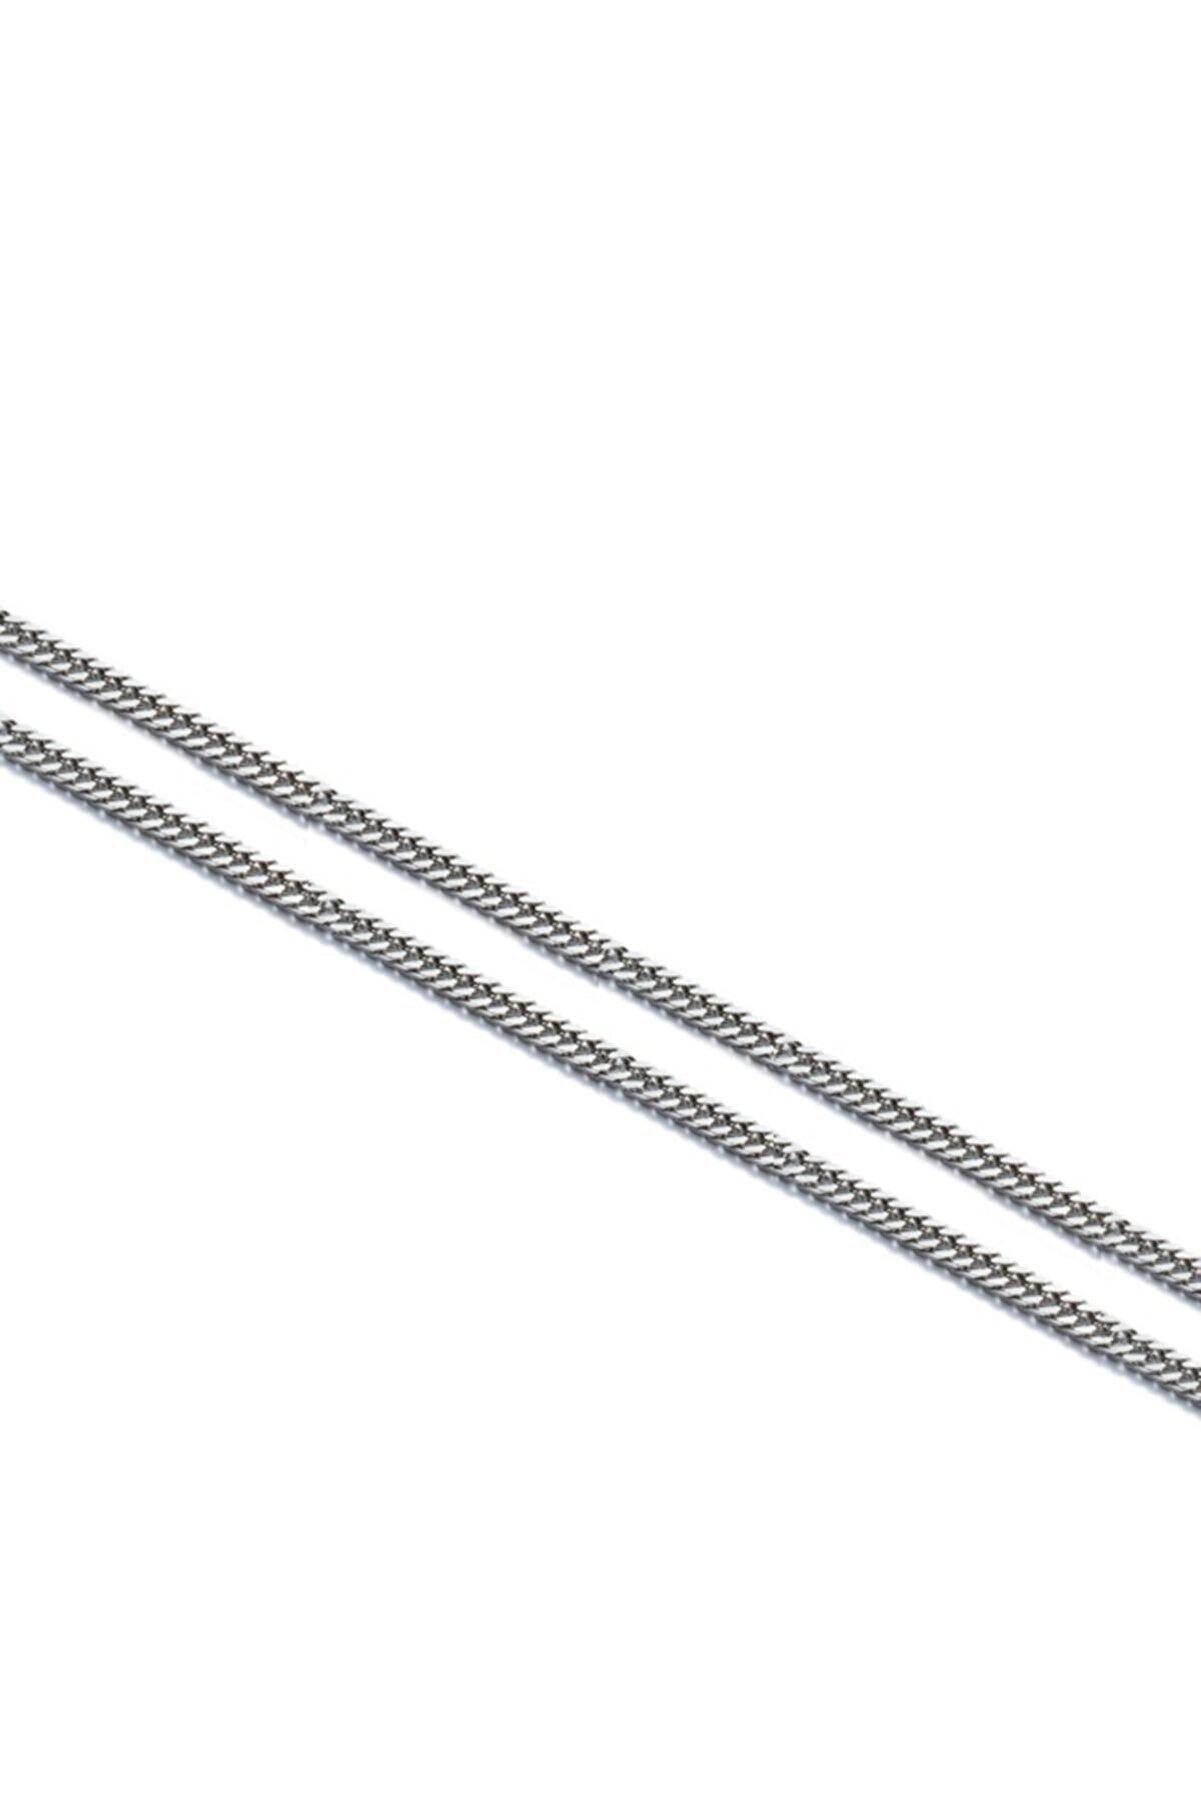 Chavin Gri 60 Cm. 4 Mm. Traşlı Gürmet Erkek Çelik Zincir Dm90-4